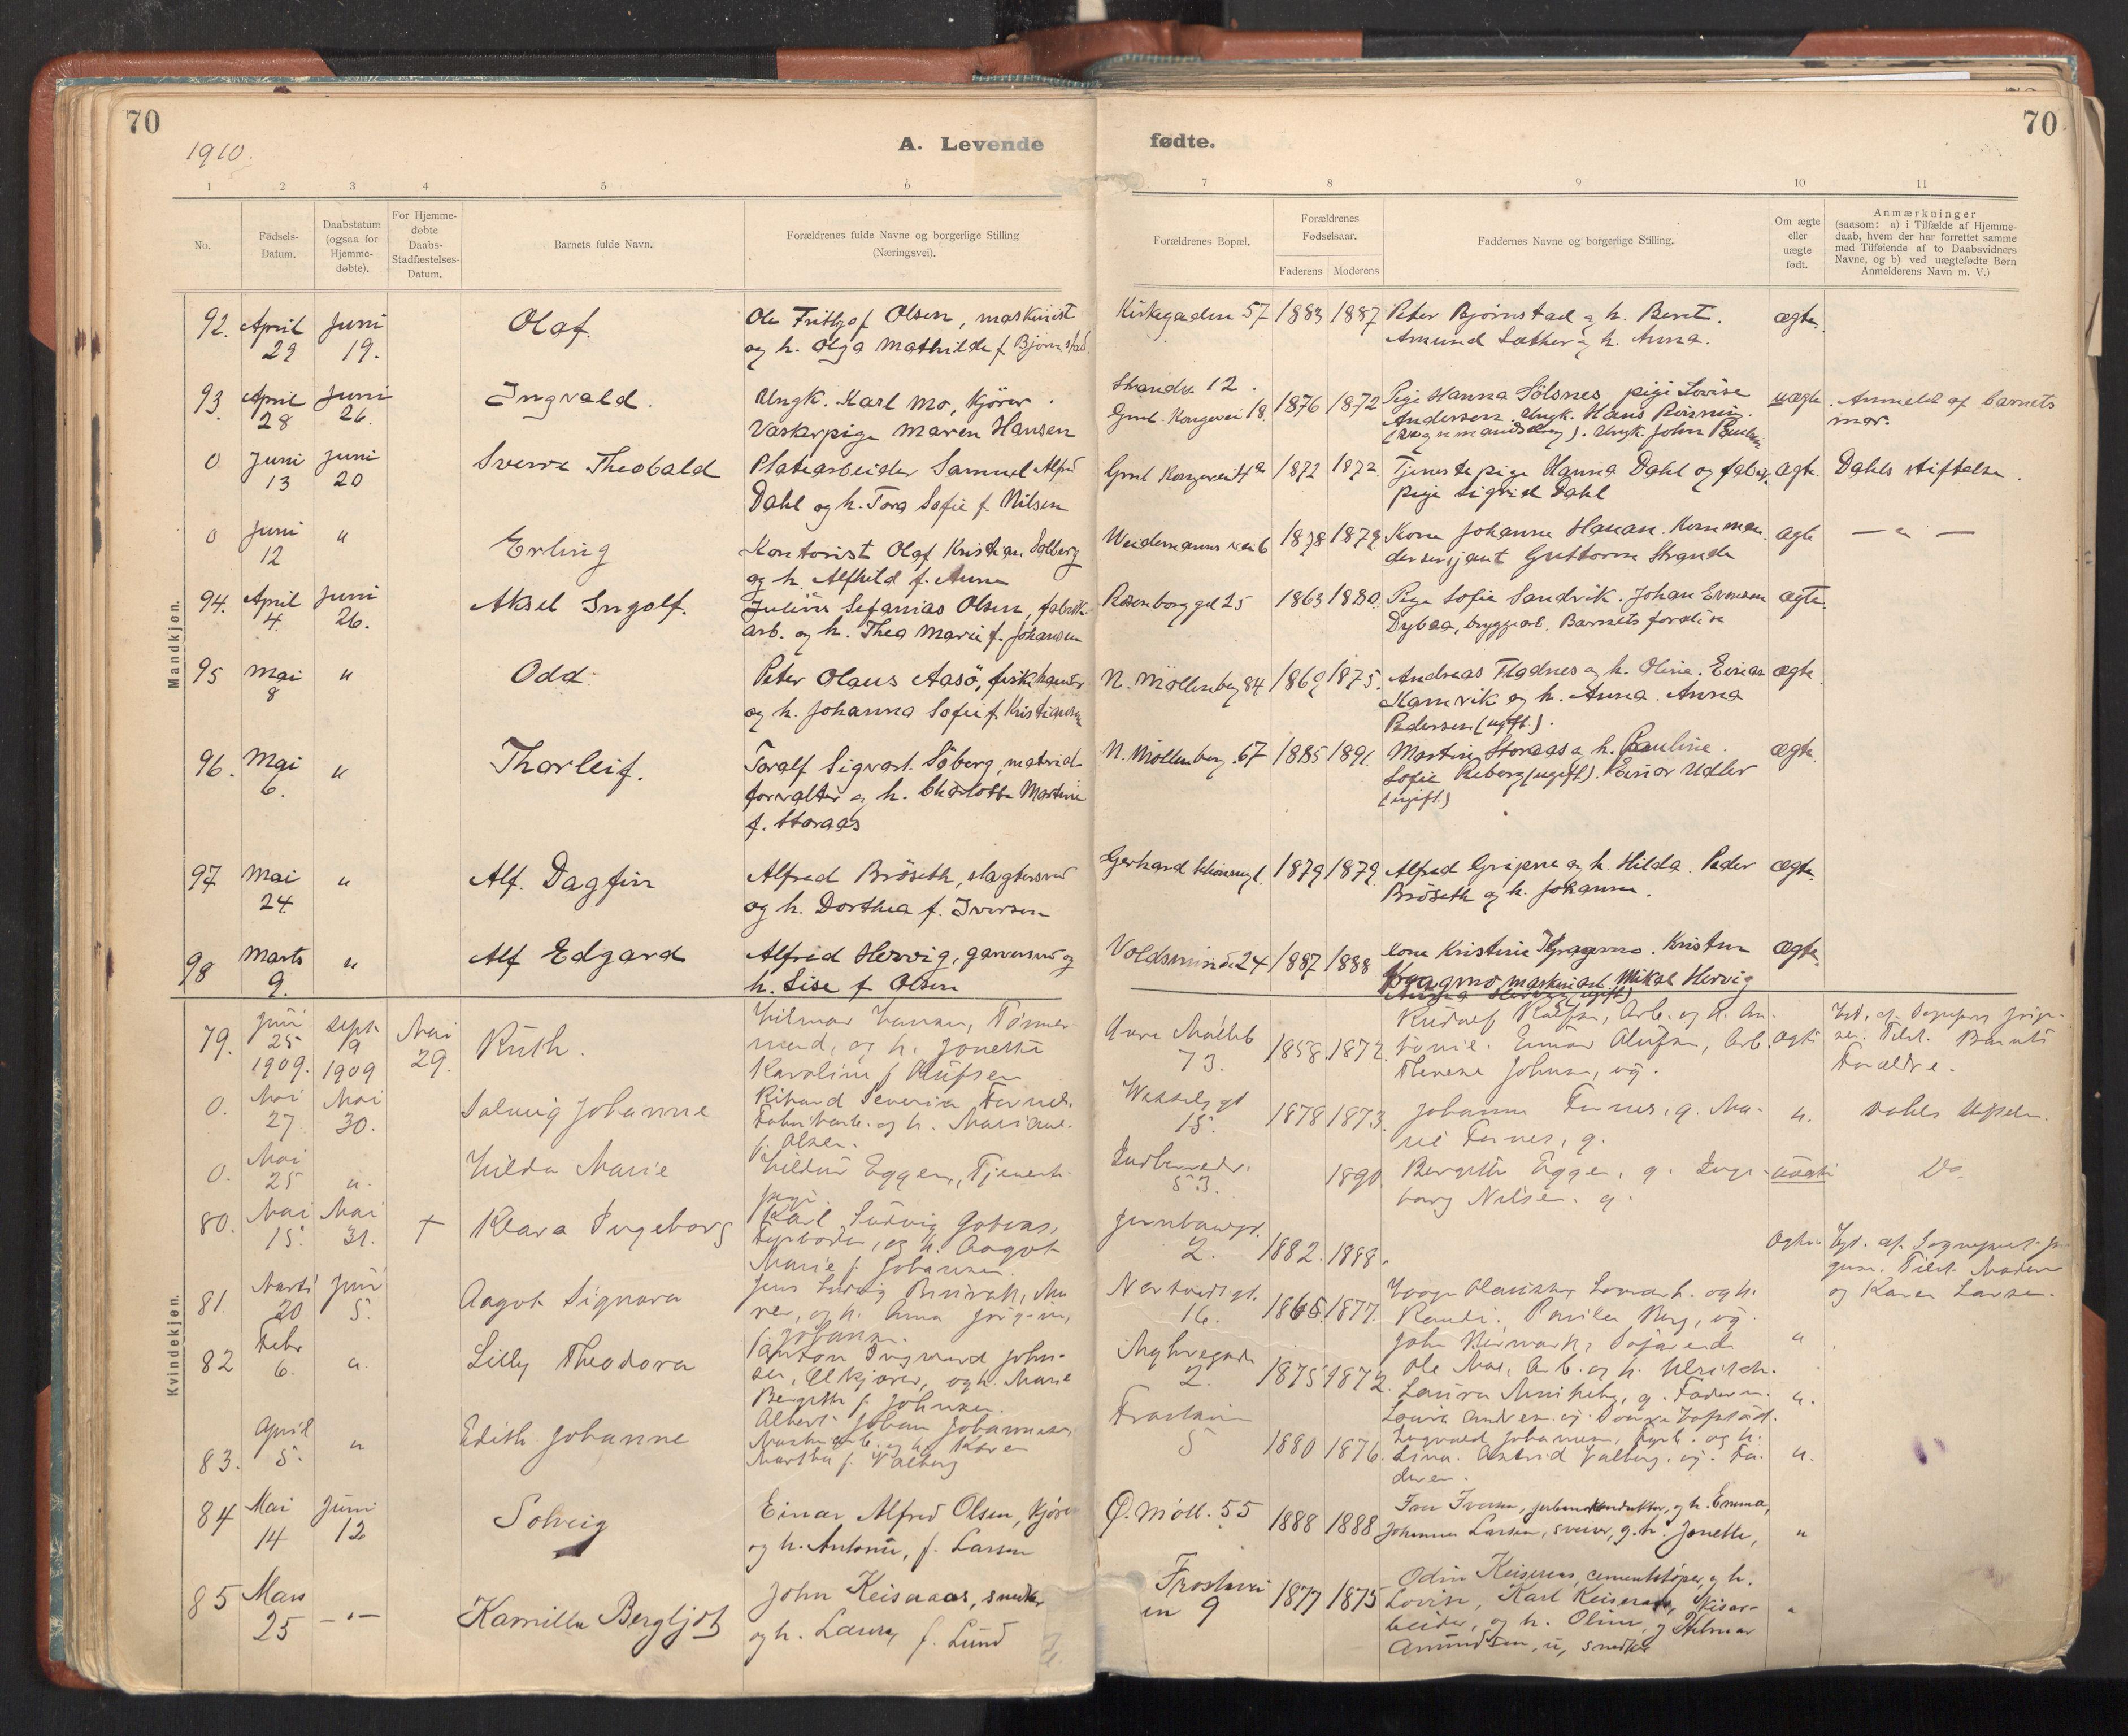 SAT, Ministerialprotokoller, klokkerbøker og fødselsregistre - Sør-Trøndelag, 605/L0243: Ministerialbok nr. 605A05, 1908-1923, s. 70